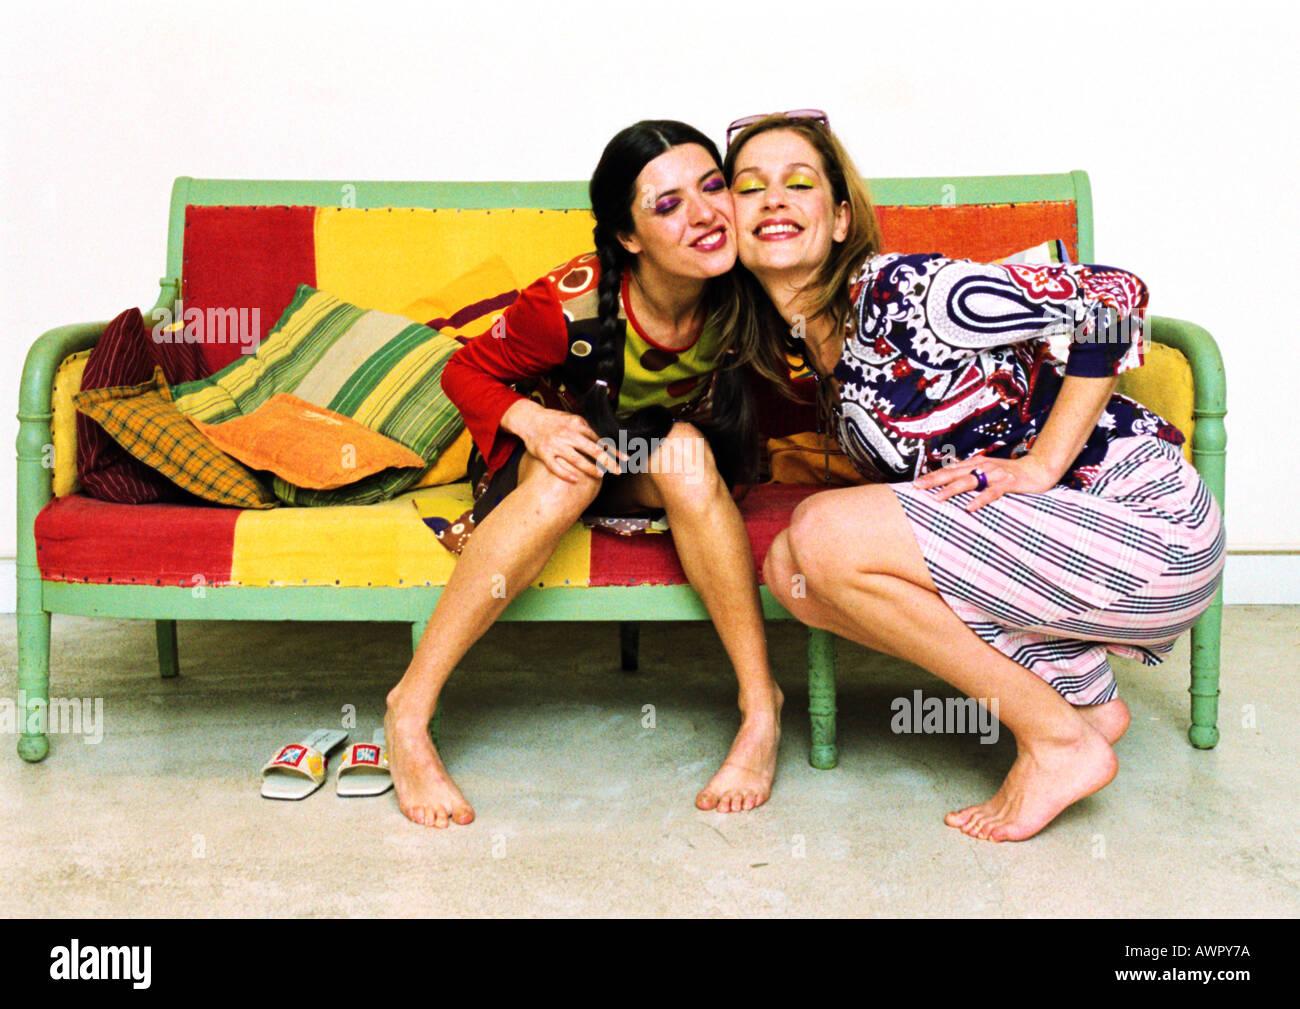 Deux jeunes femmes sur le canapé, joue contre joue, en souriant. Banque D'Images